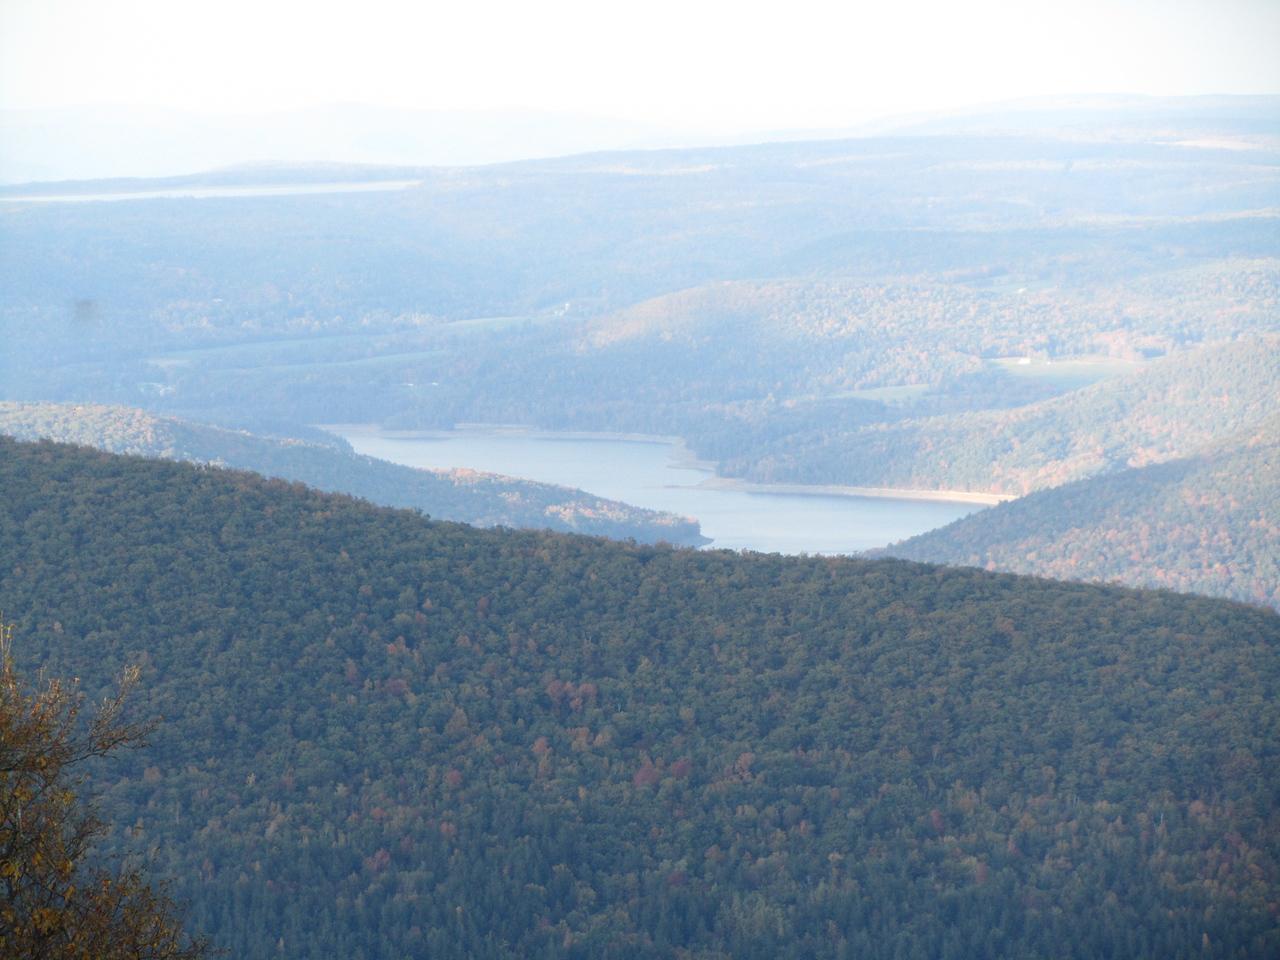 View of Schoharie reservoir.